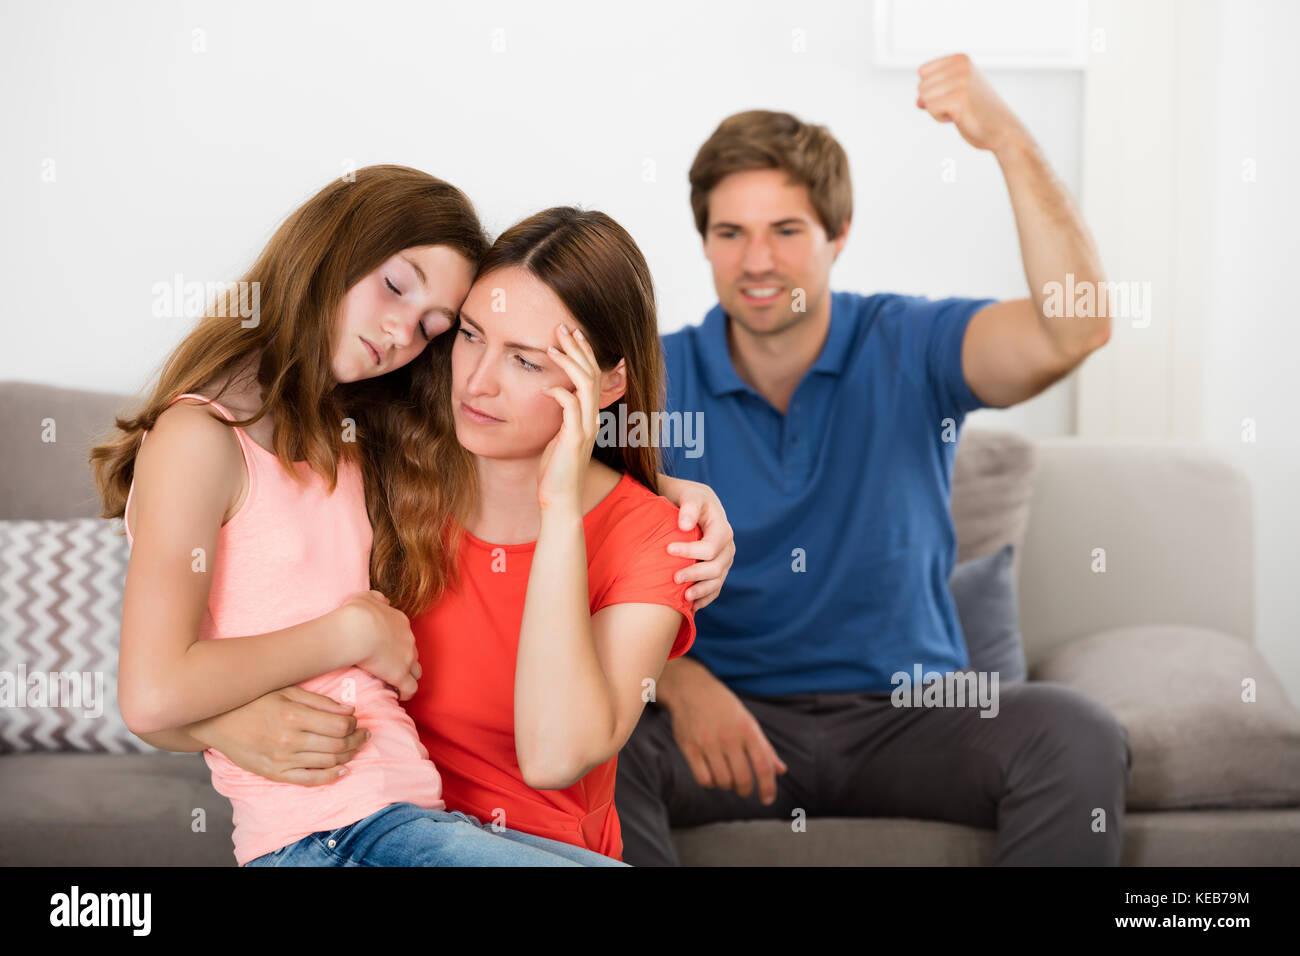 Depresiva madre e hija delante del padre violento sentado en el sofá Imagen De Stock